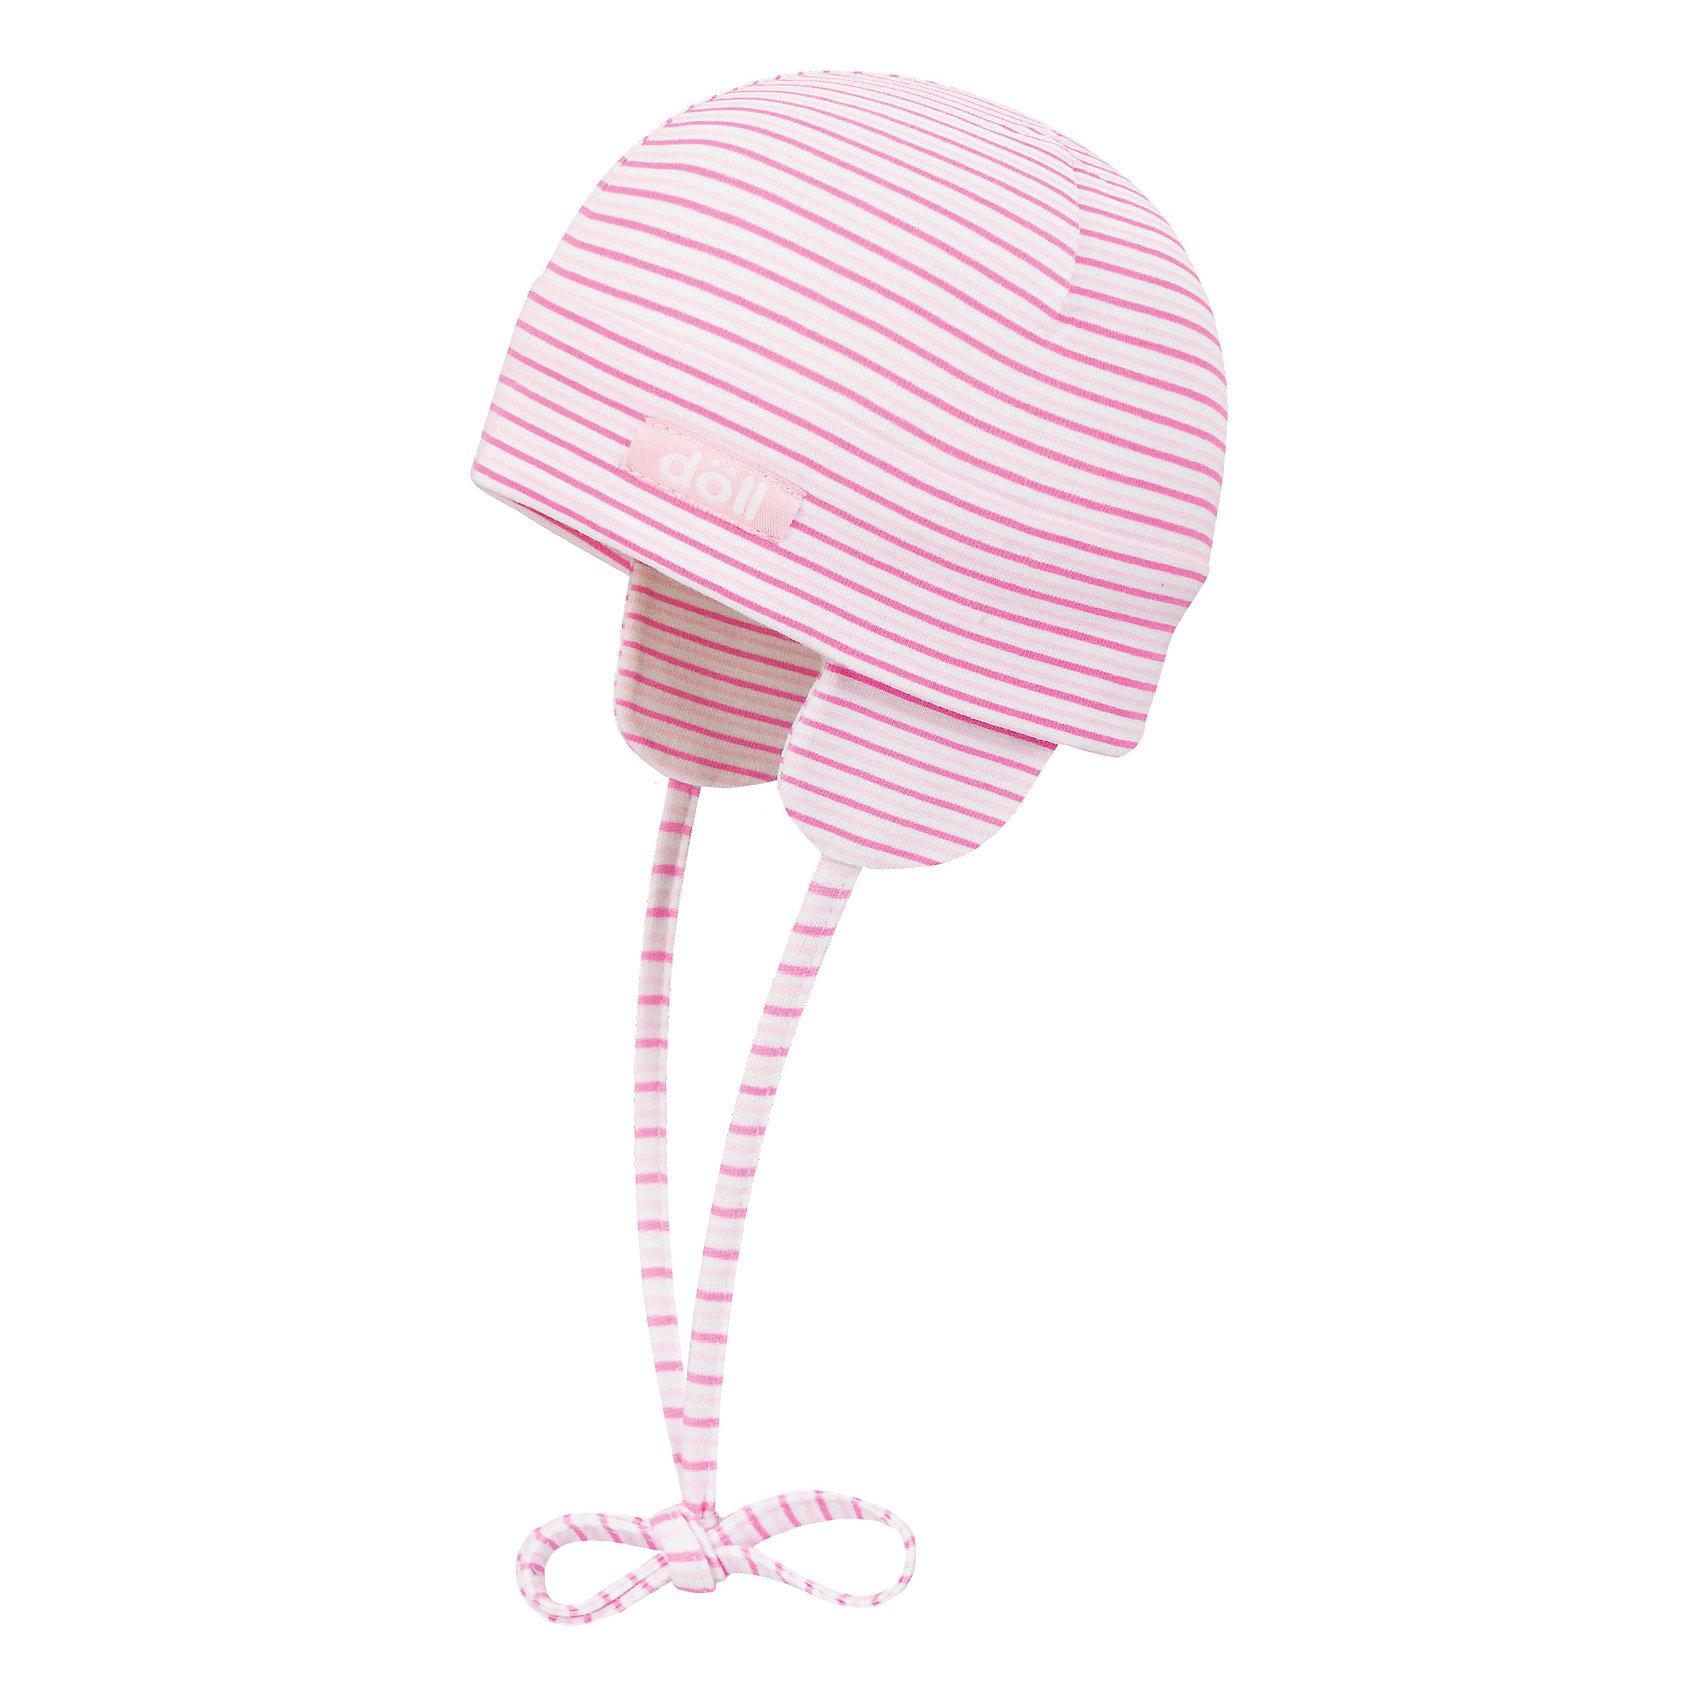 Neu DÖLL Baby Topfmütze zum Binden für Mädchen UV-Schutz 7342214 für Mädchen